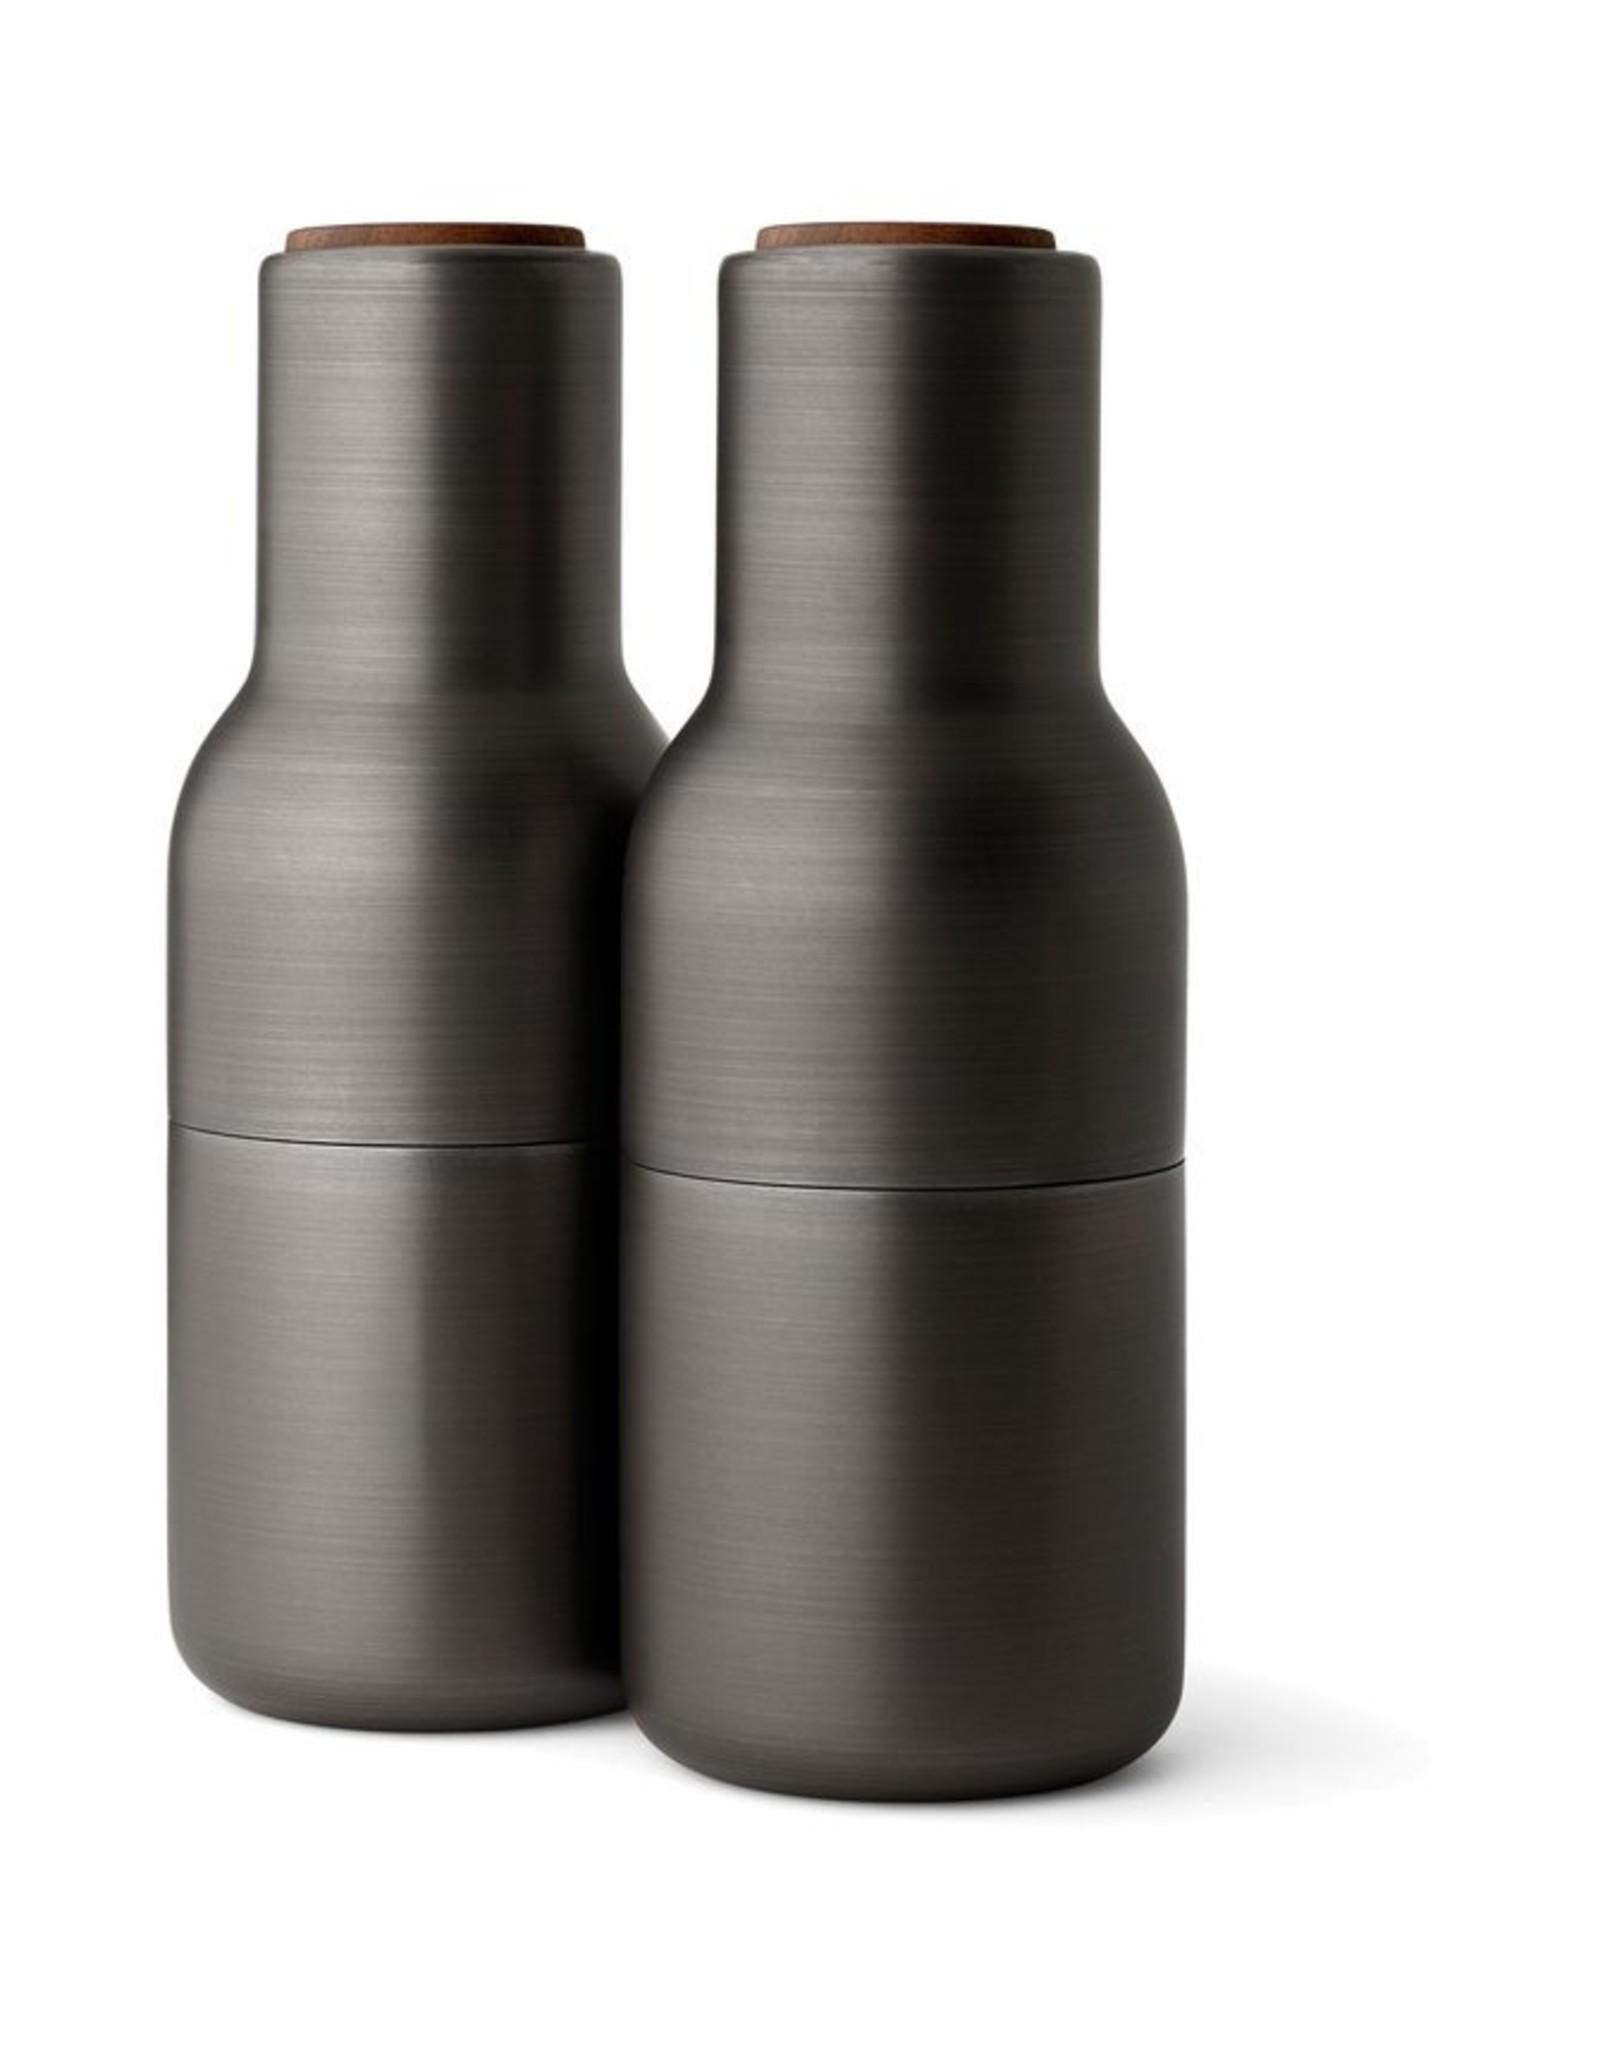 Menu - Bottle Grinder - Peper- en Zoutmolen - Zwart Messing -Set van 2